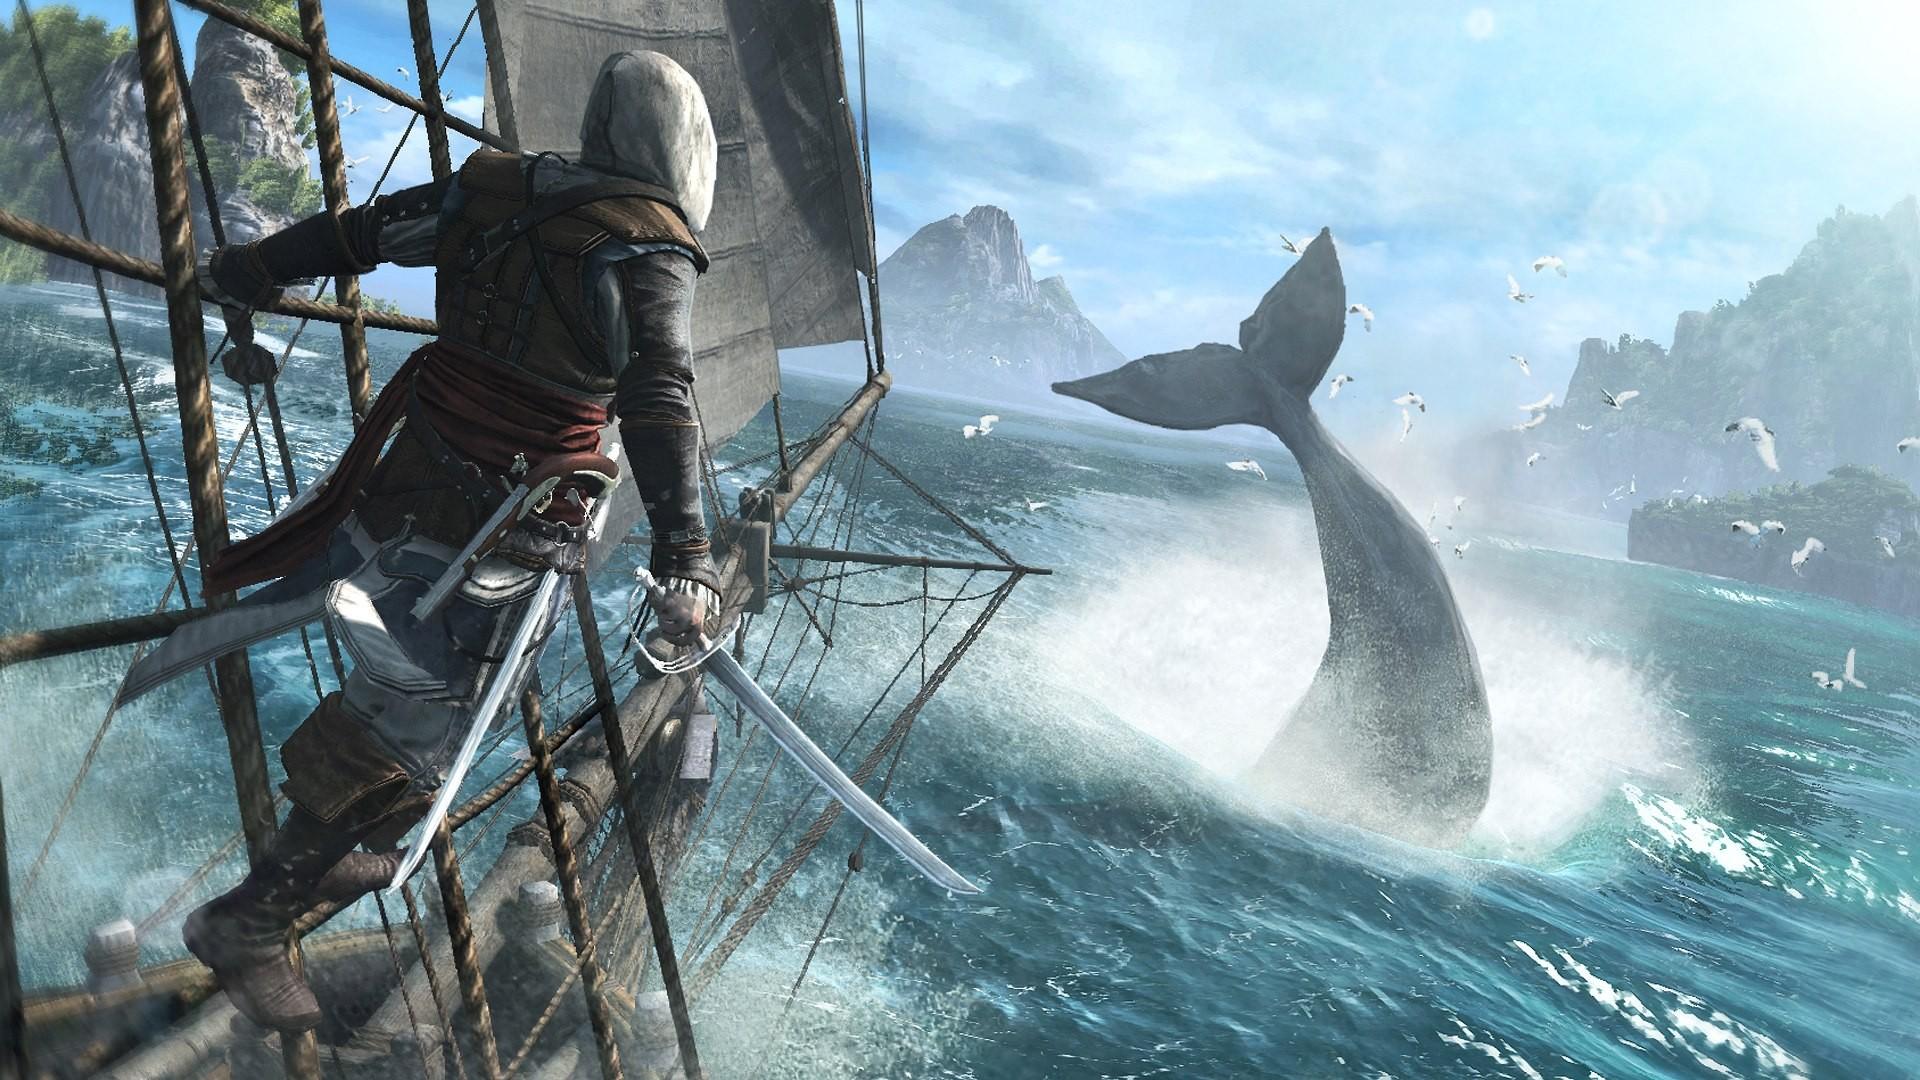 Videogioco assassin 39 s creed iv black flag sfondo for Assassin s creed sfondi